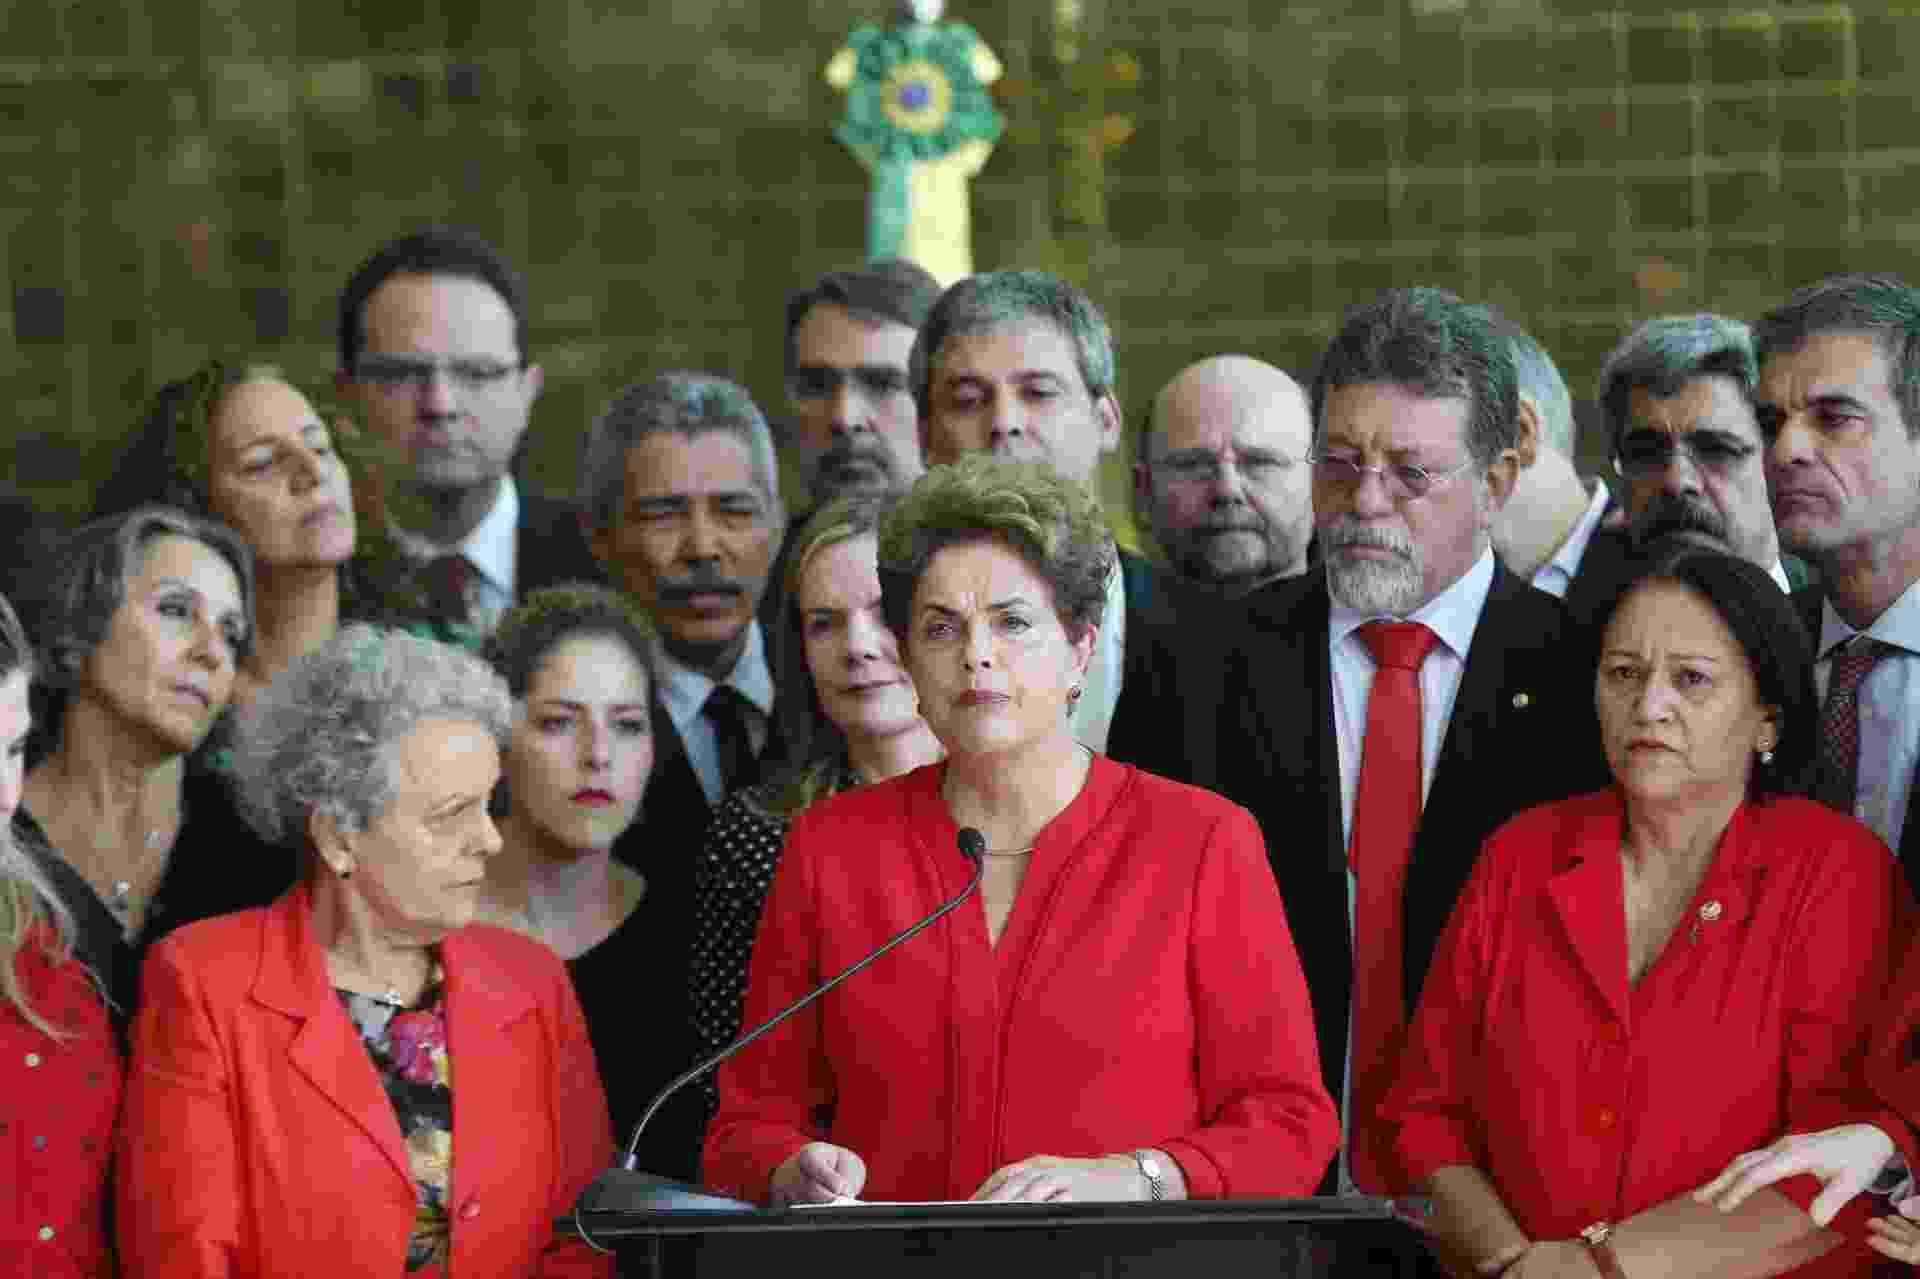 """31.ago.2016 - Dilma Rousseff foi afastada definitivamente do poder em 31 de agosto de 2016, após votação no Senado Federal. Foram 61 votos a favor do impeachment e 20 contra, sem abstenções. Logo após o afastamento, Dilma fez um pronunciamento em que afirmou que """"haverá contra eles a mais firme e enérgica oposição que um governo golpista pode sofrer"""". Os senadores mantiveram os direitos políticos de Dilma - Pedro Ladeira/Folhapress"""